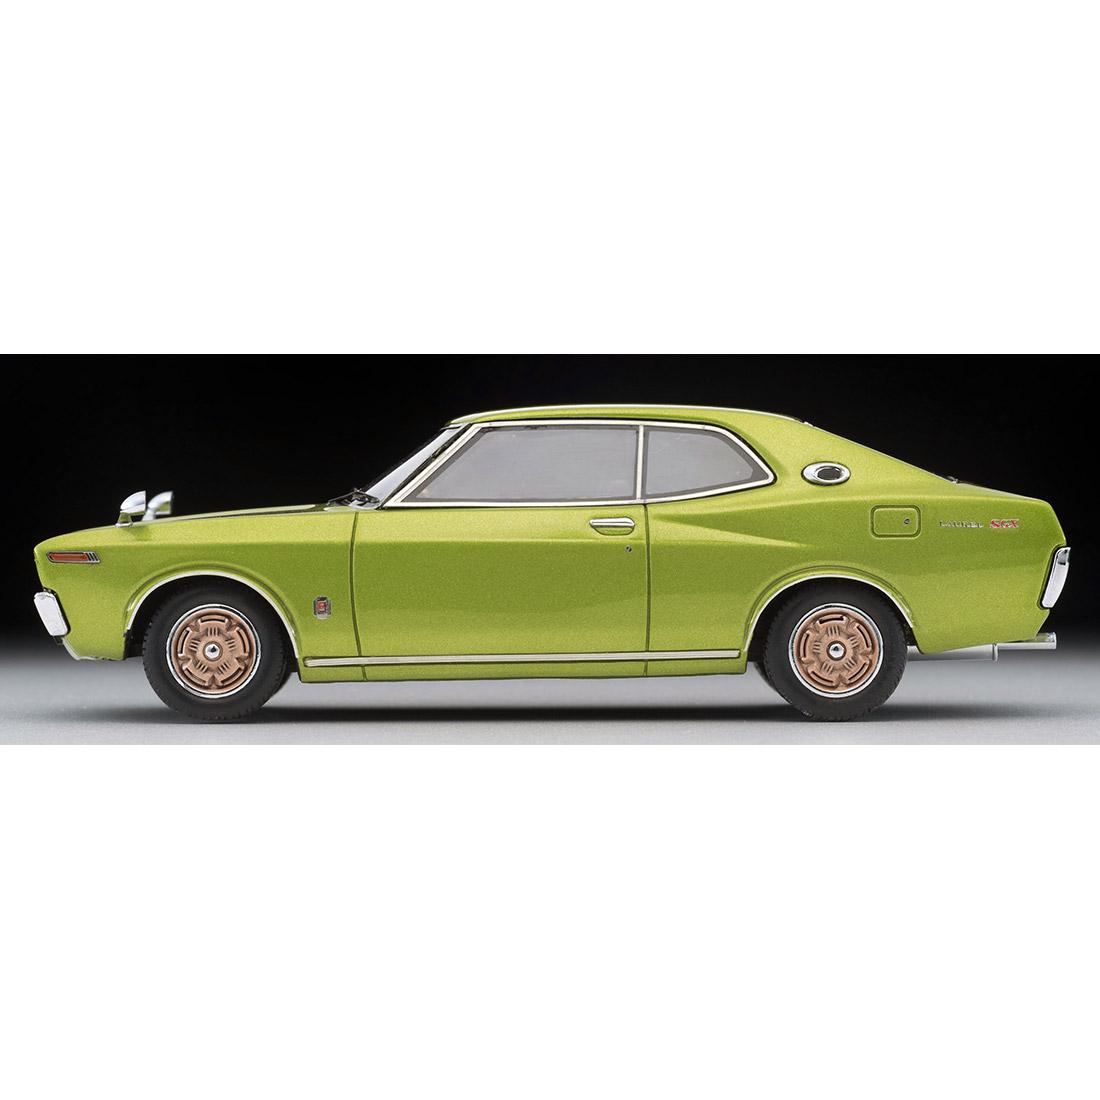 イグニッションモデル×トミーテック T-IG4323『ローレルHT 2000SGX(緑)』1/43 ミニカー-006